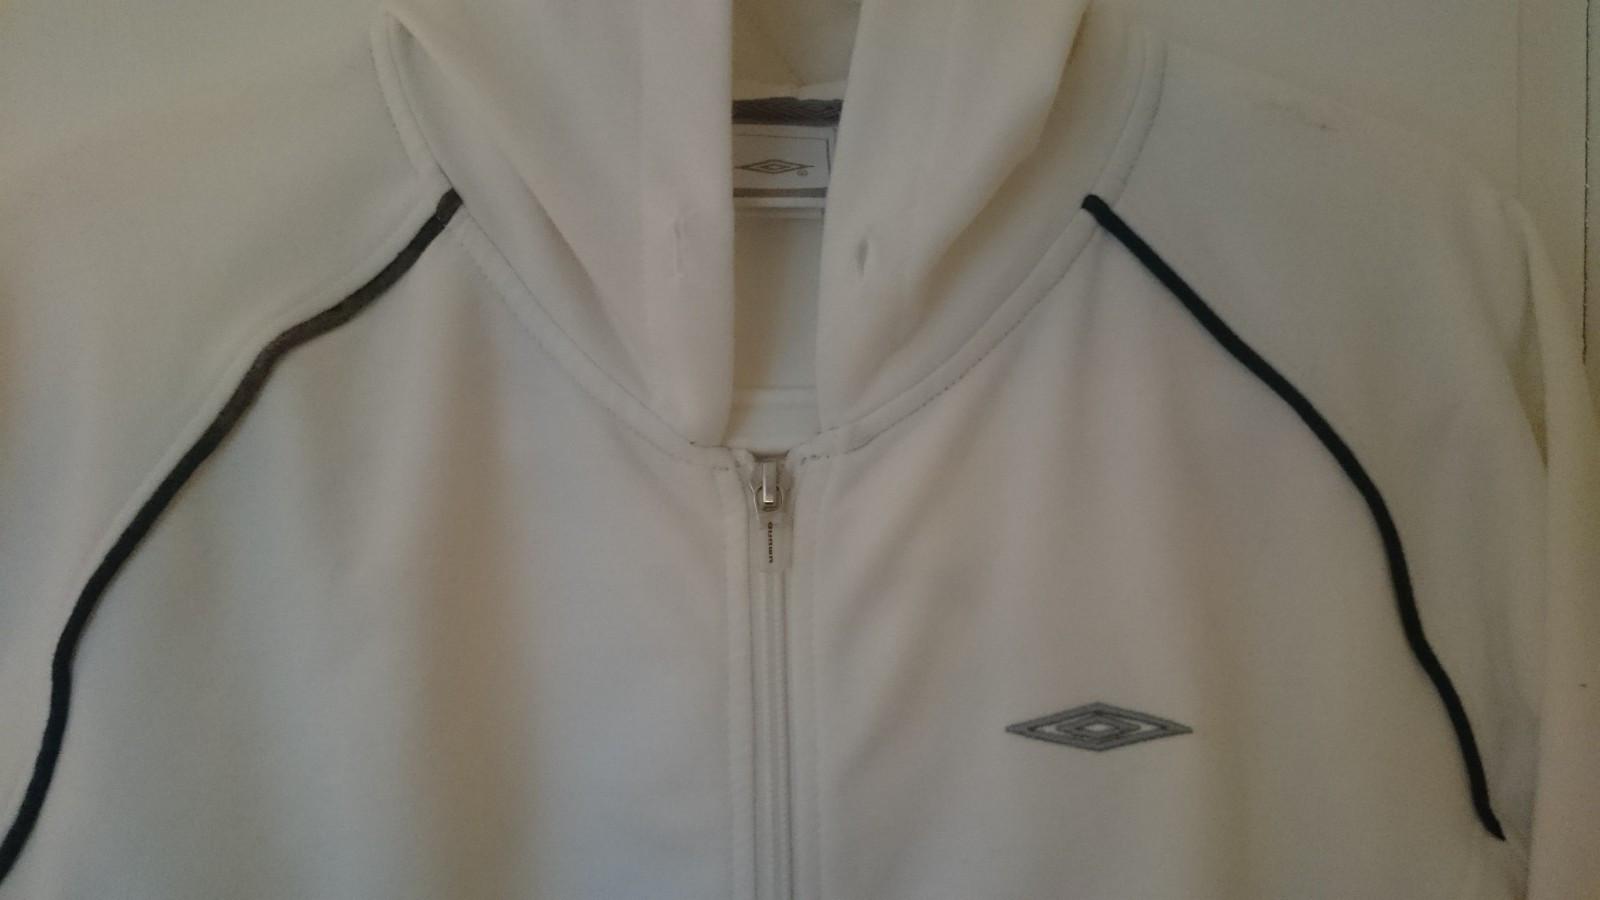 Umbro jakke str. 42 - Mathopen  - Umbro jakke hvit str 42 Ubrukt Bud er ok - Mathopen